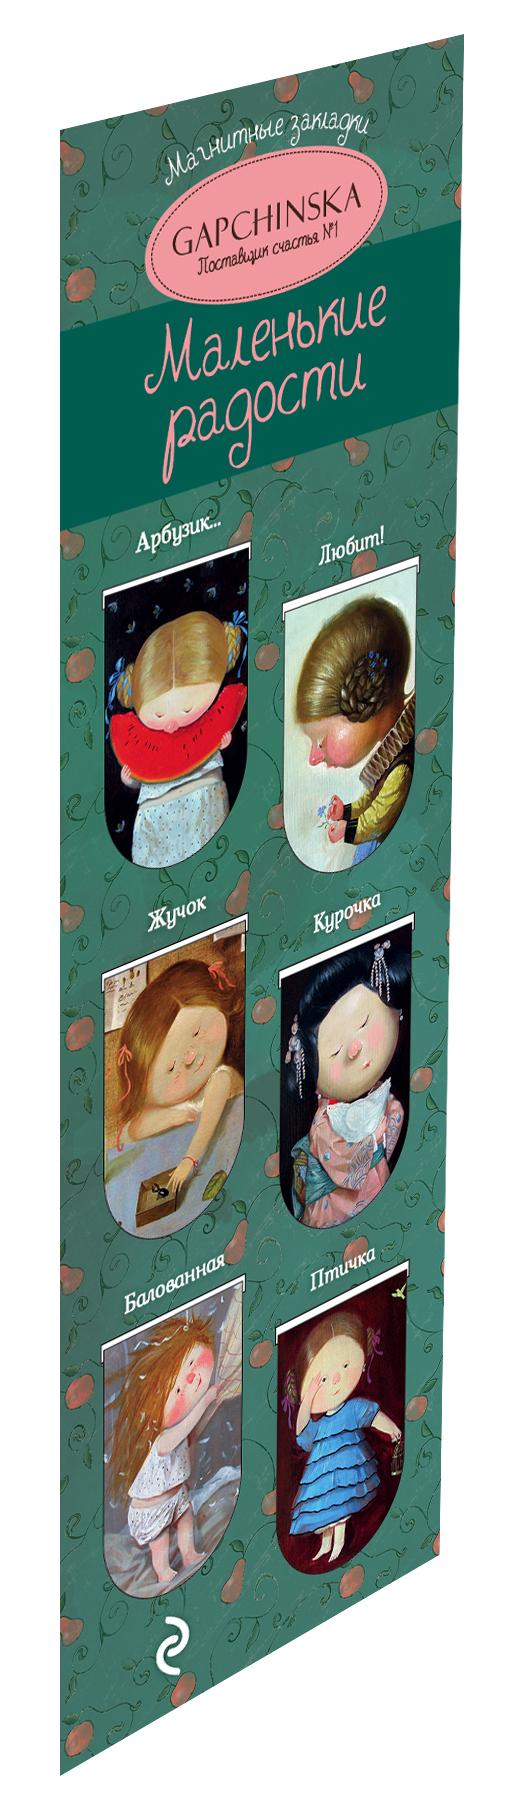 Магнитные закладки. Маленькие радости. Евгения Гапчинская (6 закладок полукругл.) (Арте) евгения гапчинская маленькие радости 6 магнитных закладок